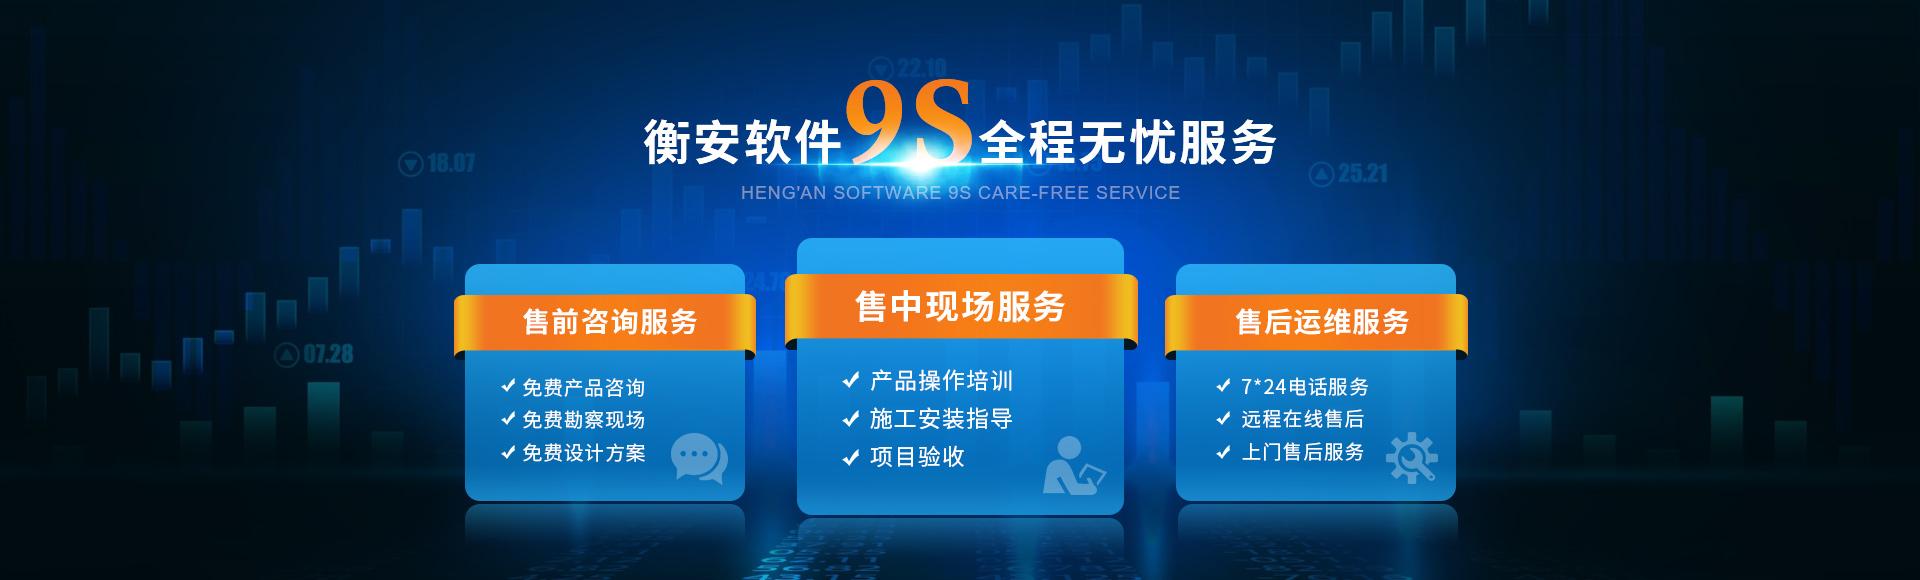 衡安软件9s全程无忧服务